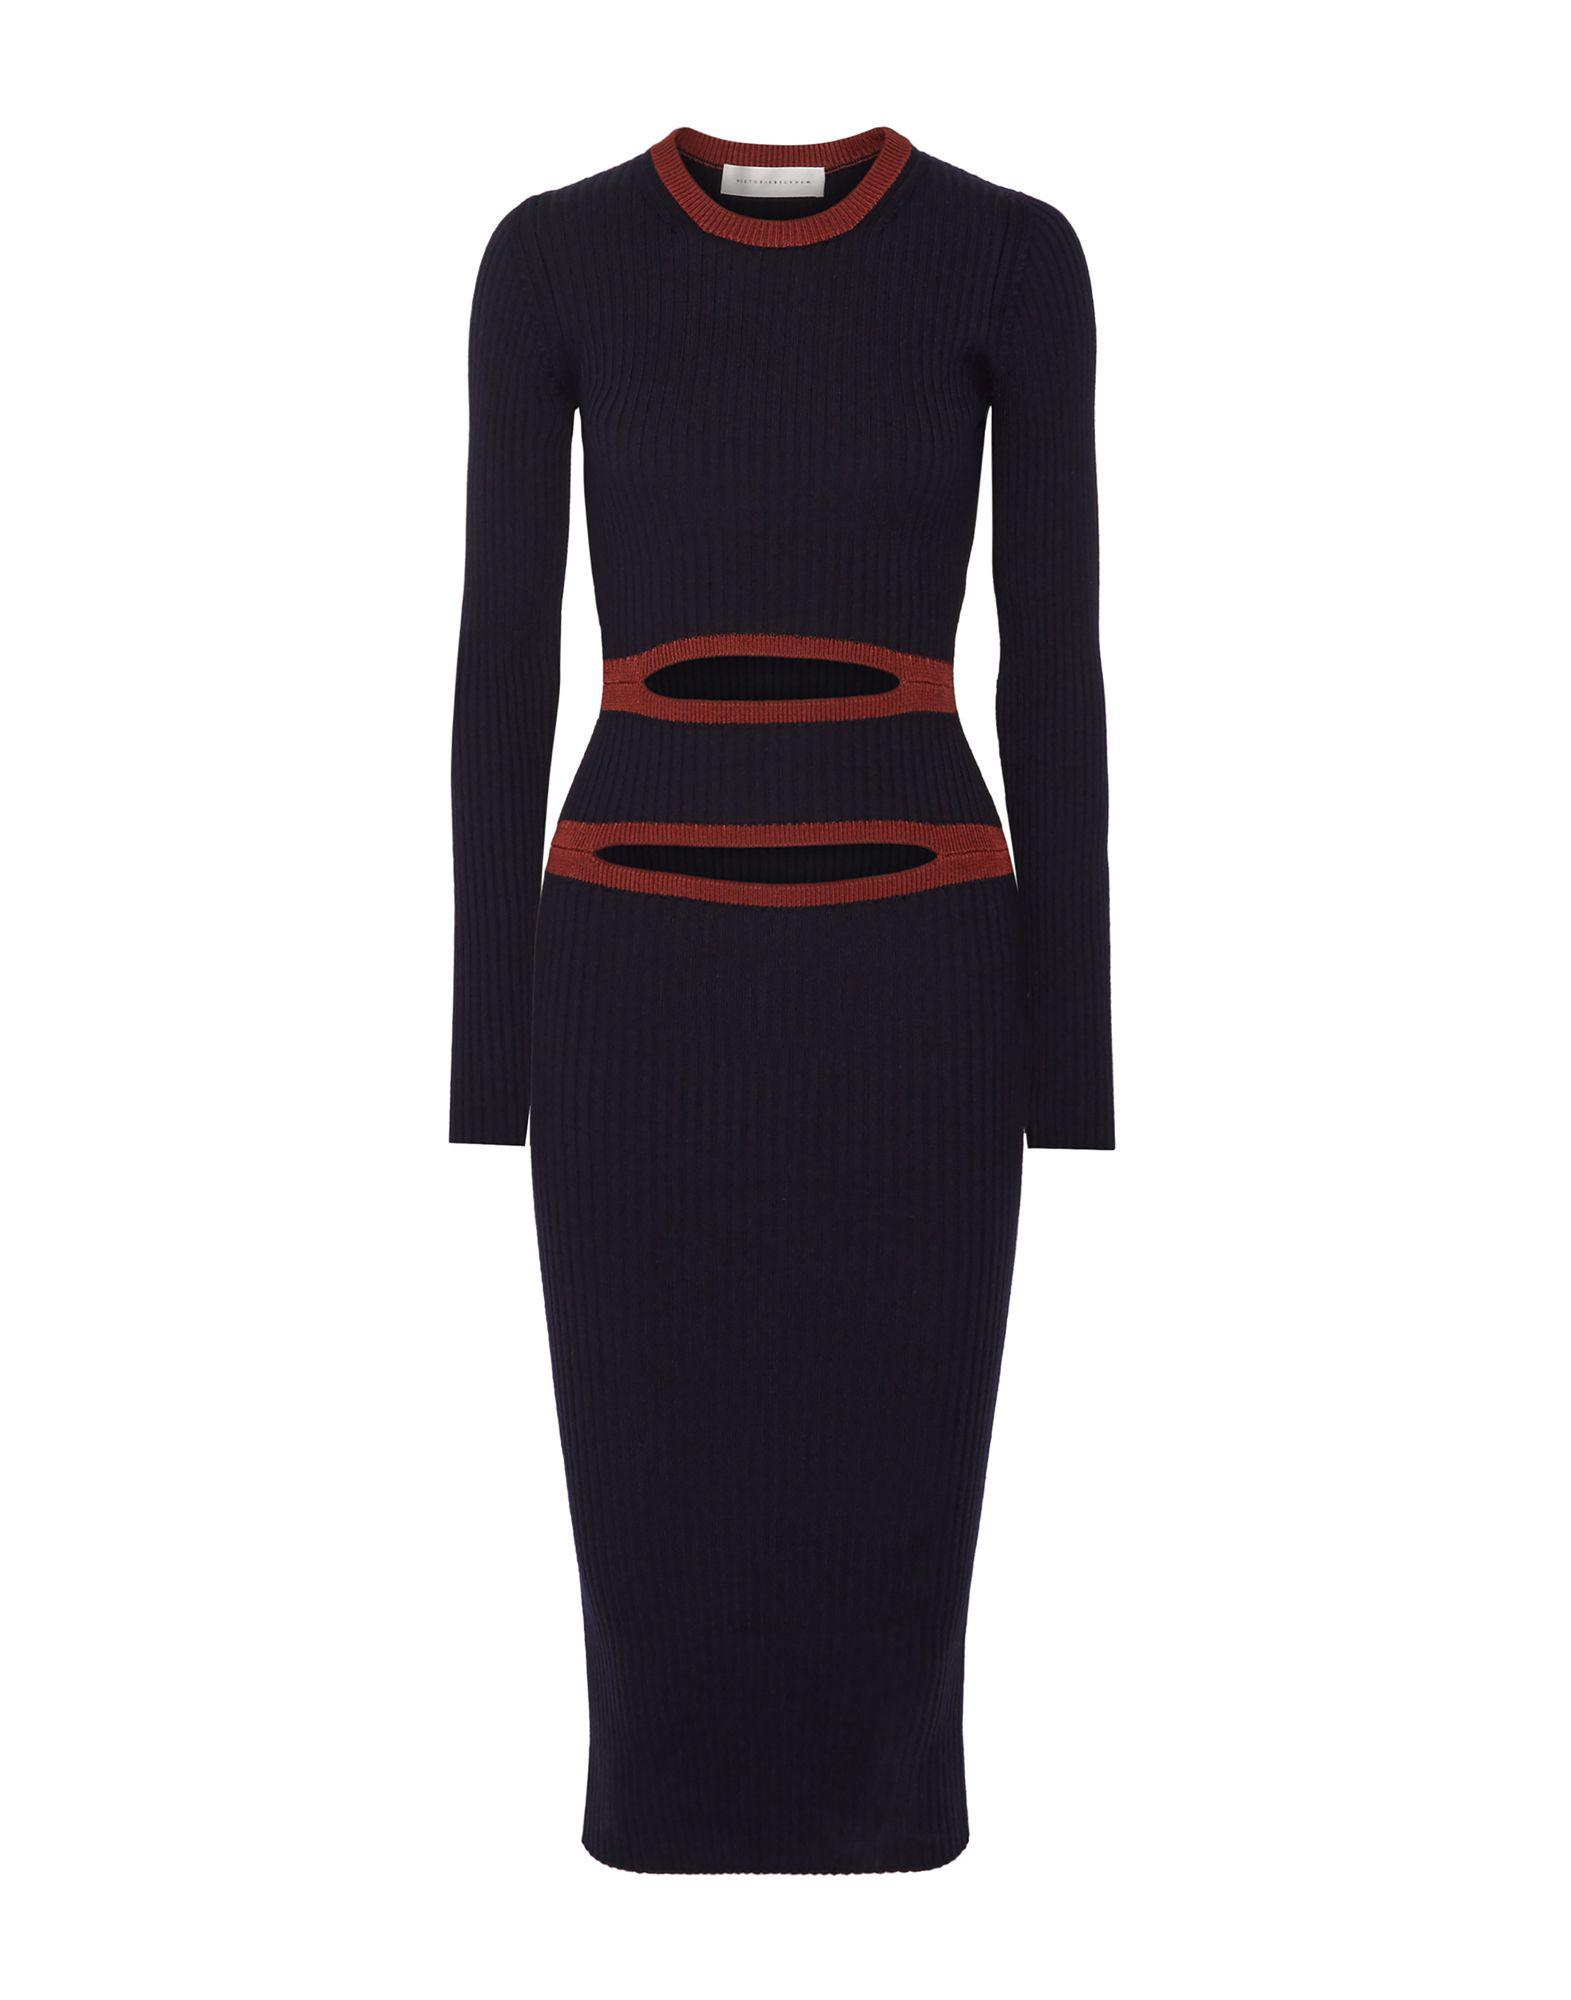 Victoria Beckham Midi Dress In Dark Blue